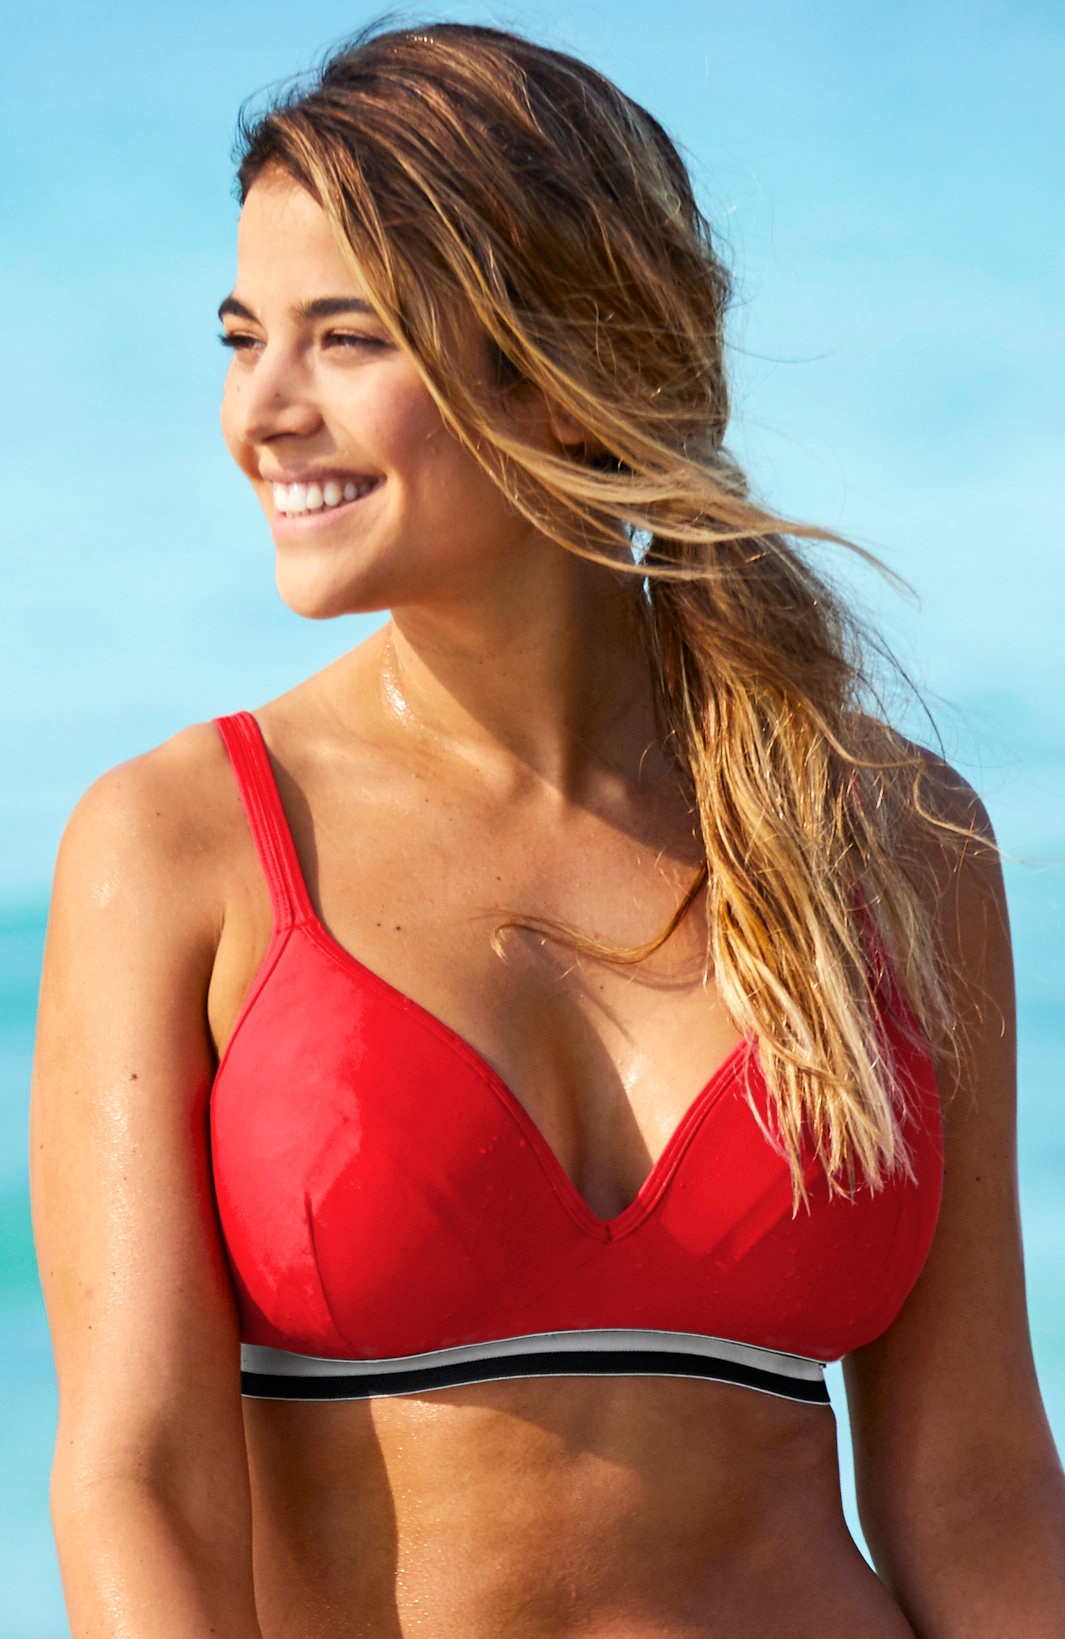 Rød bikini-bh uten bøyle